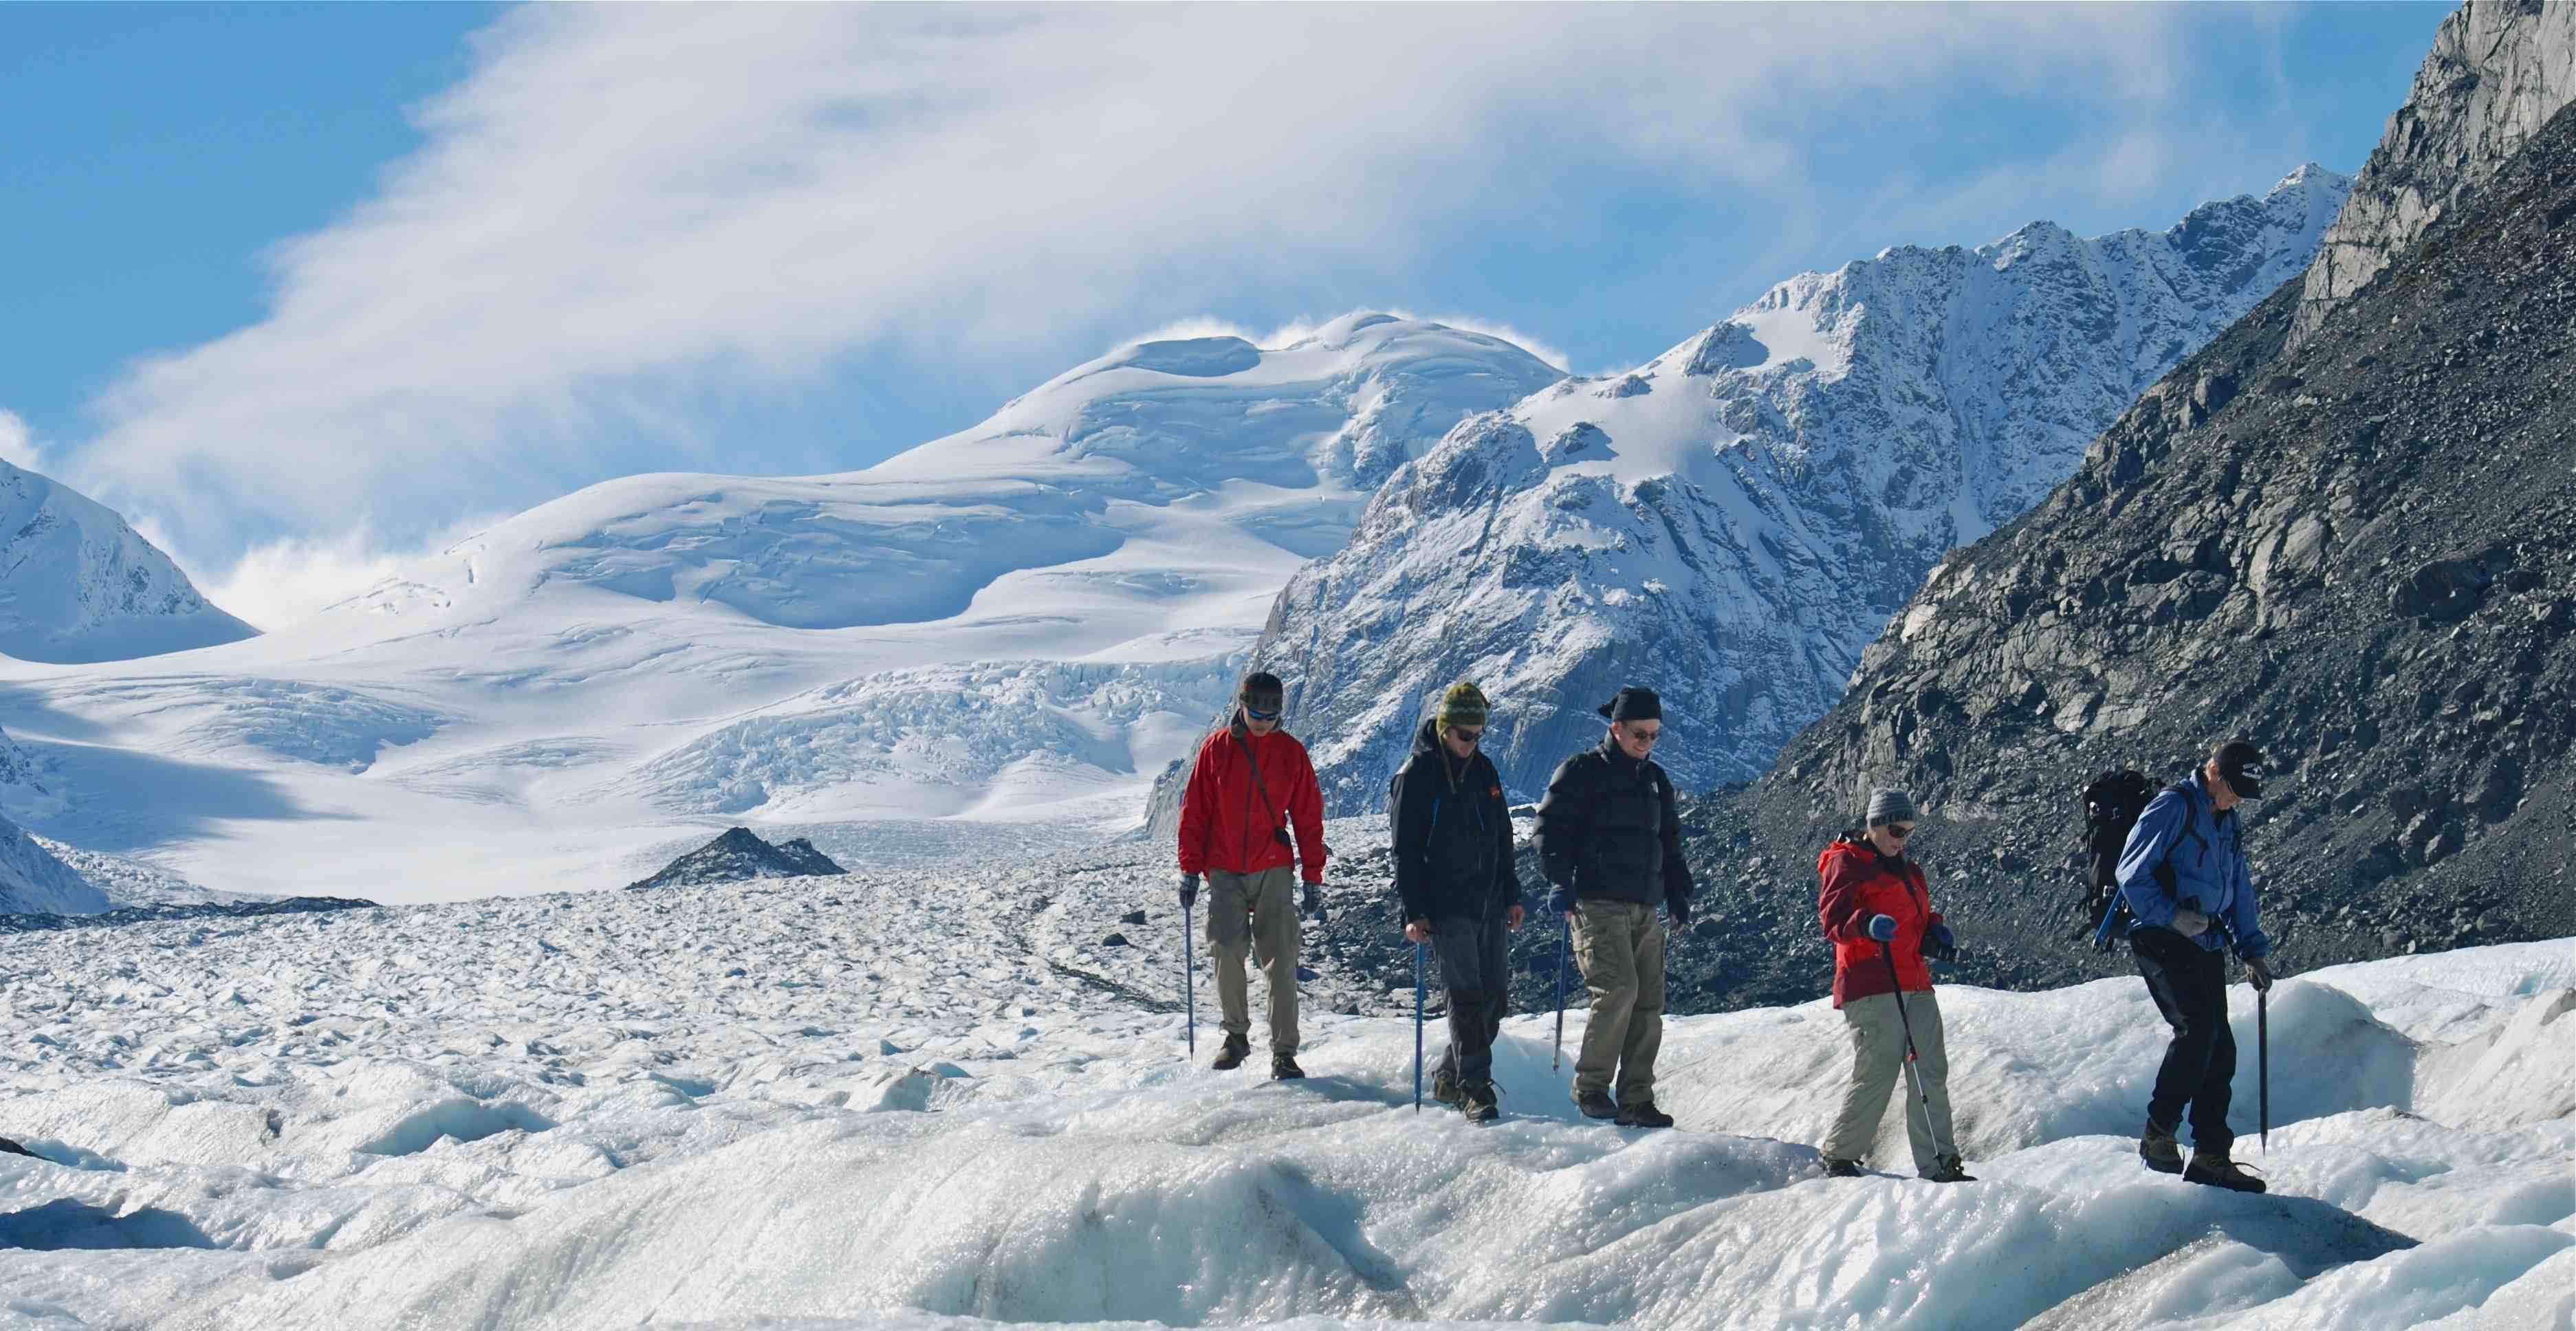 Glacier walk with family at Franz Josef glacier